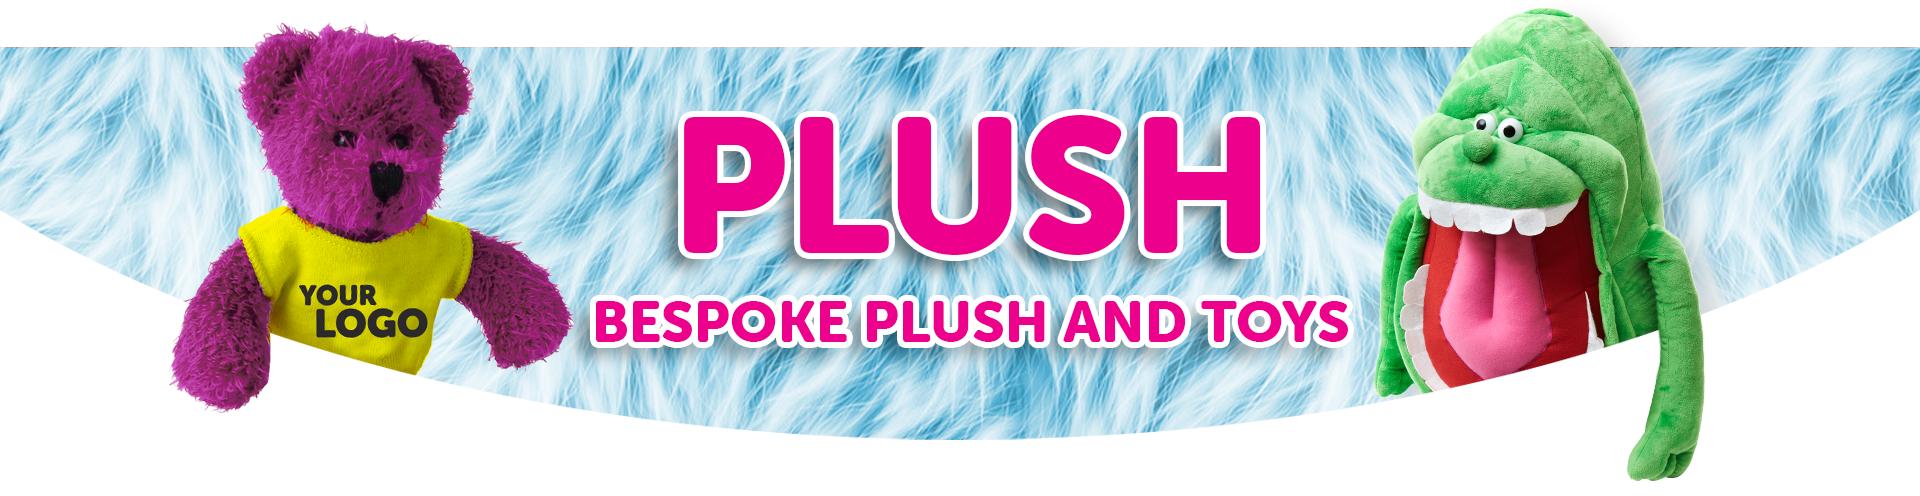 Plush-Webpage-Banner.png